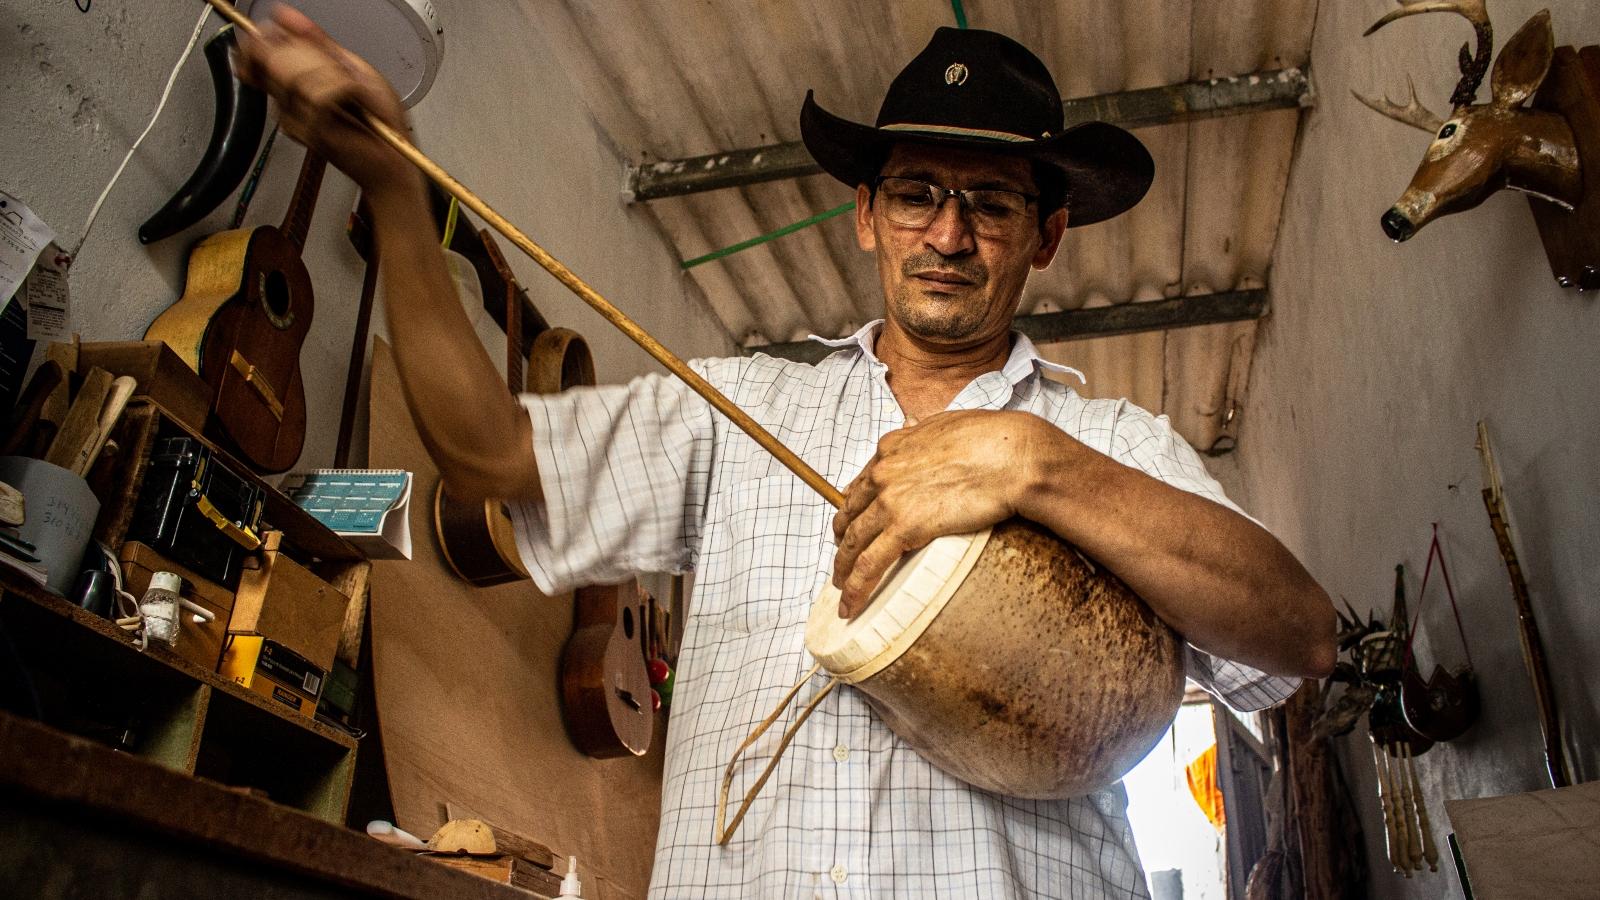 galeria--el-artesano-de-instrumentos-que-rescata-el-sonido-llanero-del-totumo